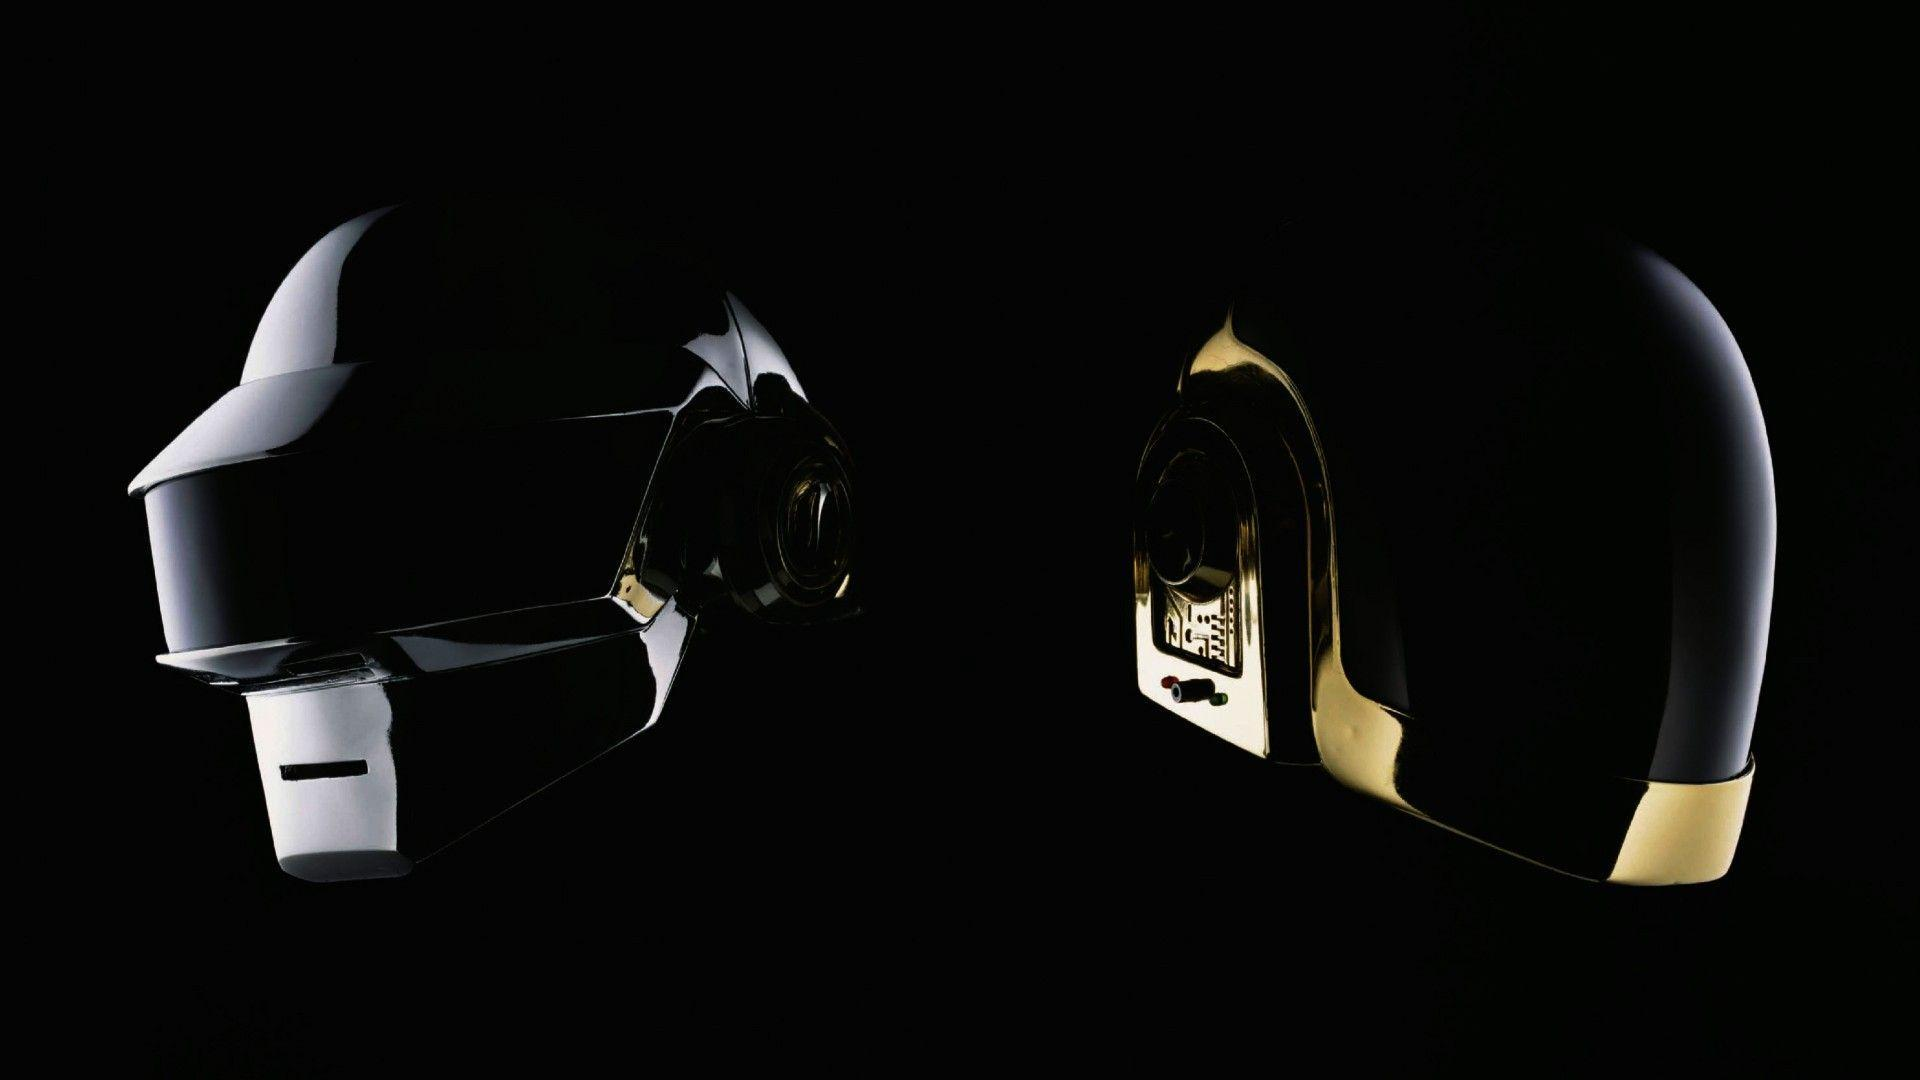 Daft Punk HD Wallpaper 1920x1080